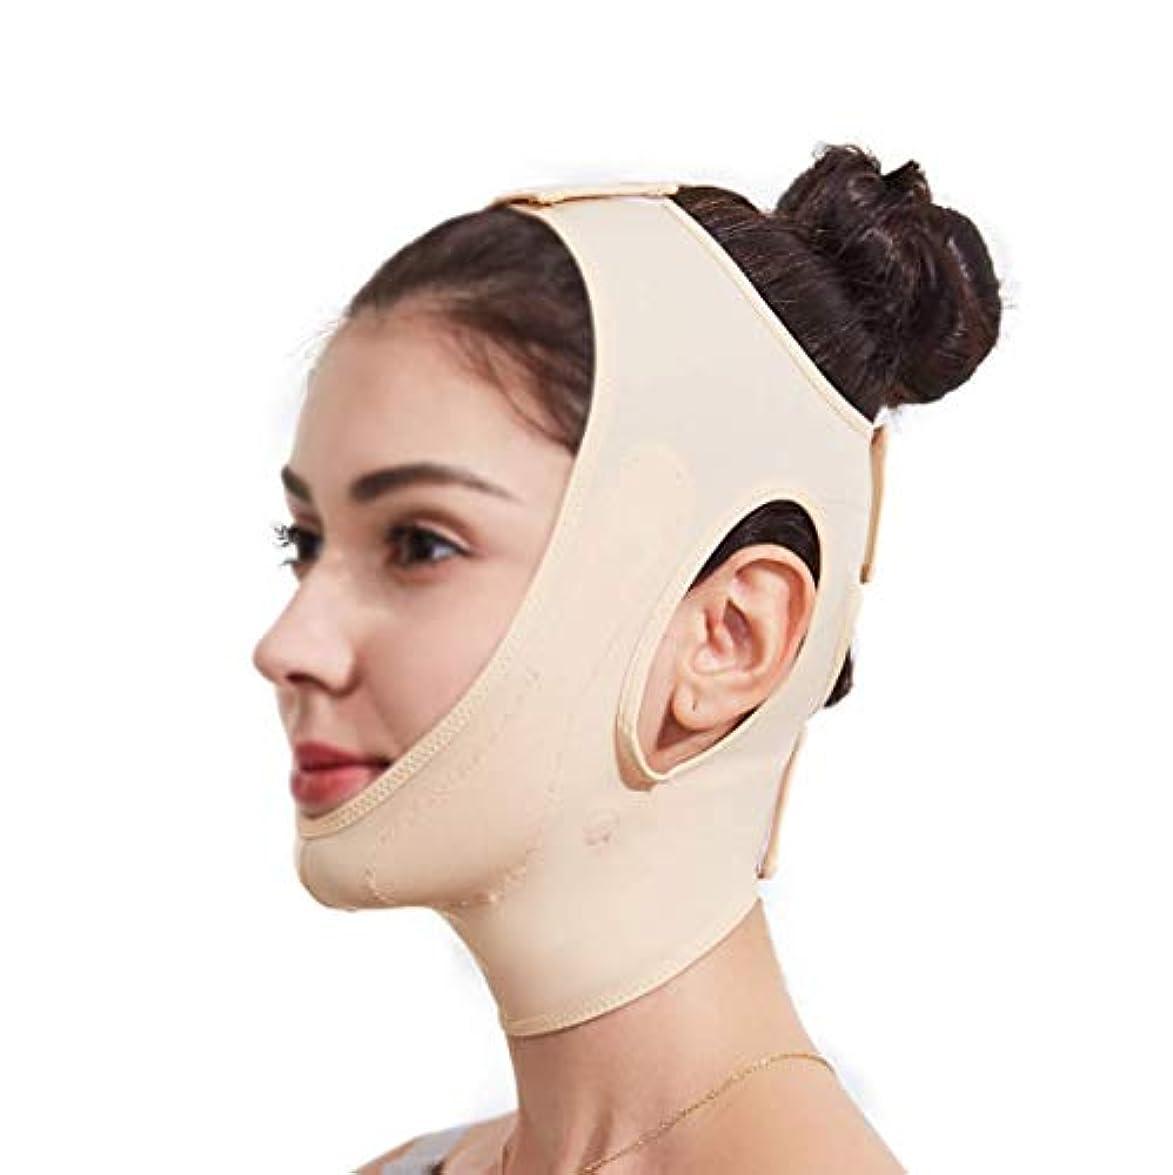 宝石シングルスリチンモイフェイスリフティングマスク、360°オールラウンドリフティングフェイシャルコンター、あごを閉じて肌を引き締め、快適でフェイスライトをサポートし、通気性を保ちます(サイズ:ブラック),肌の色